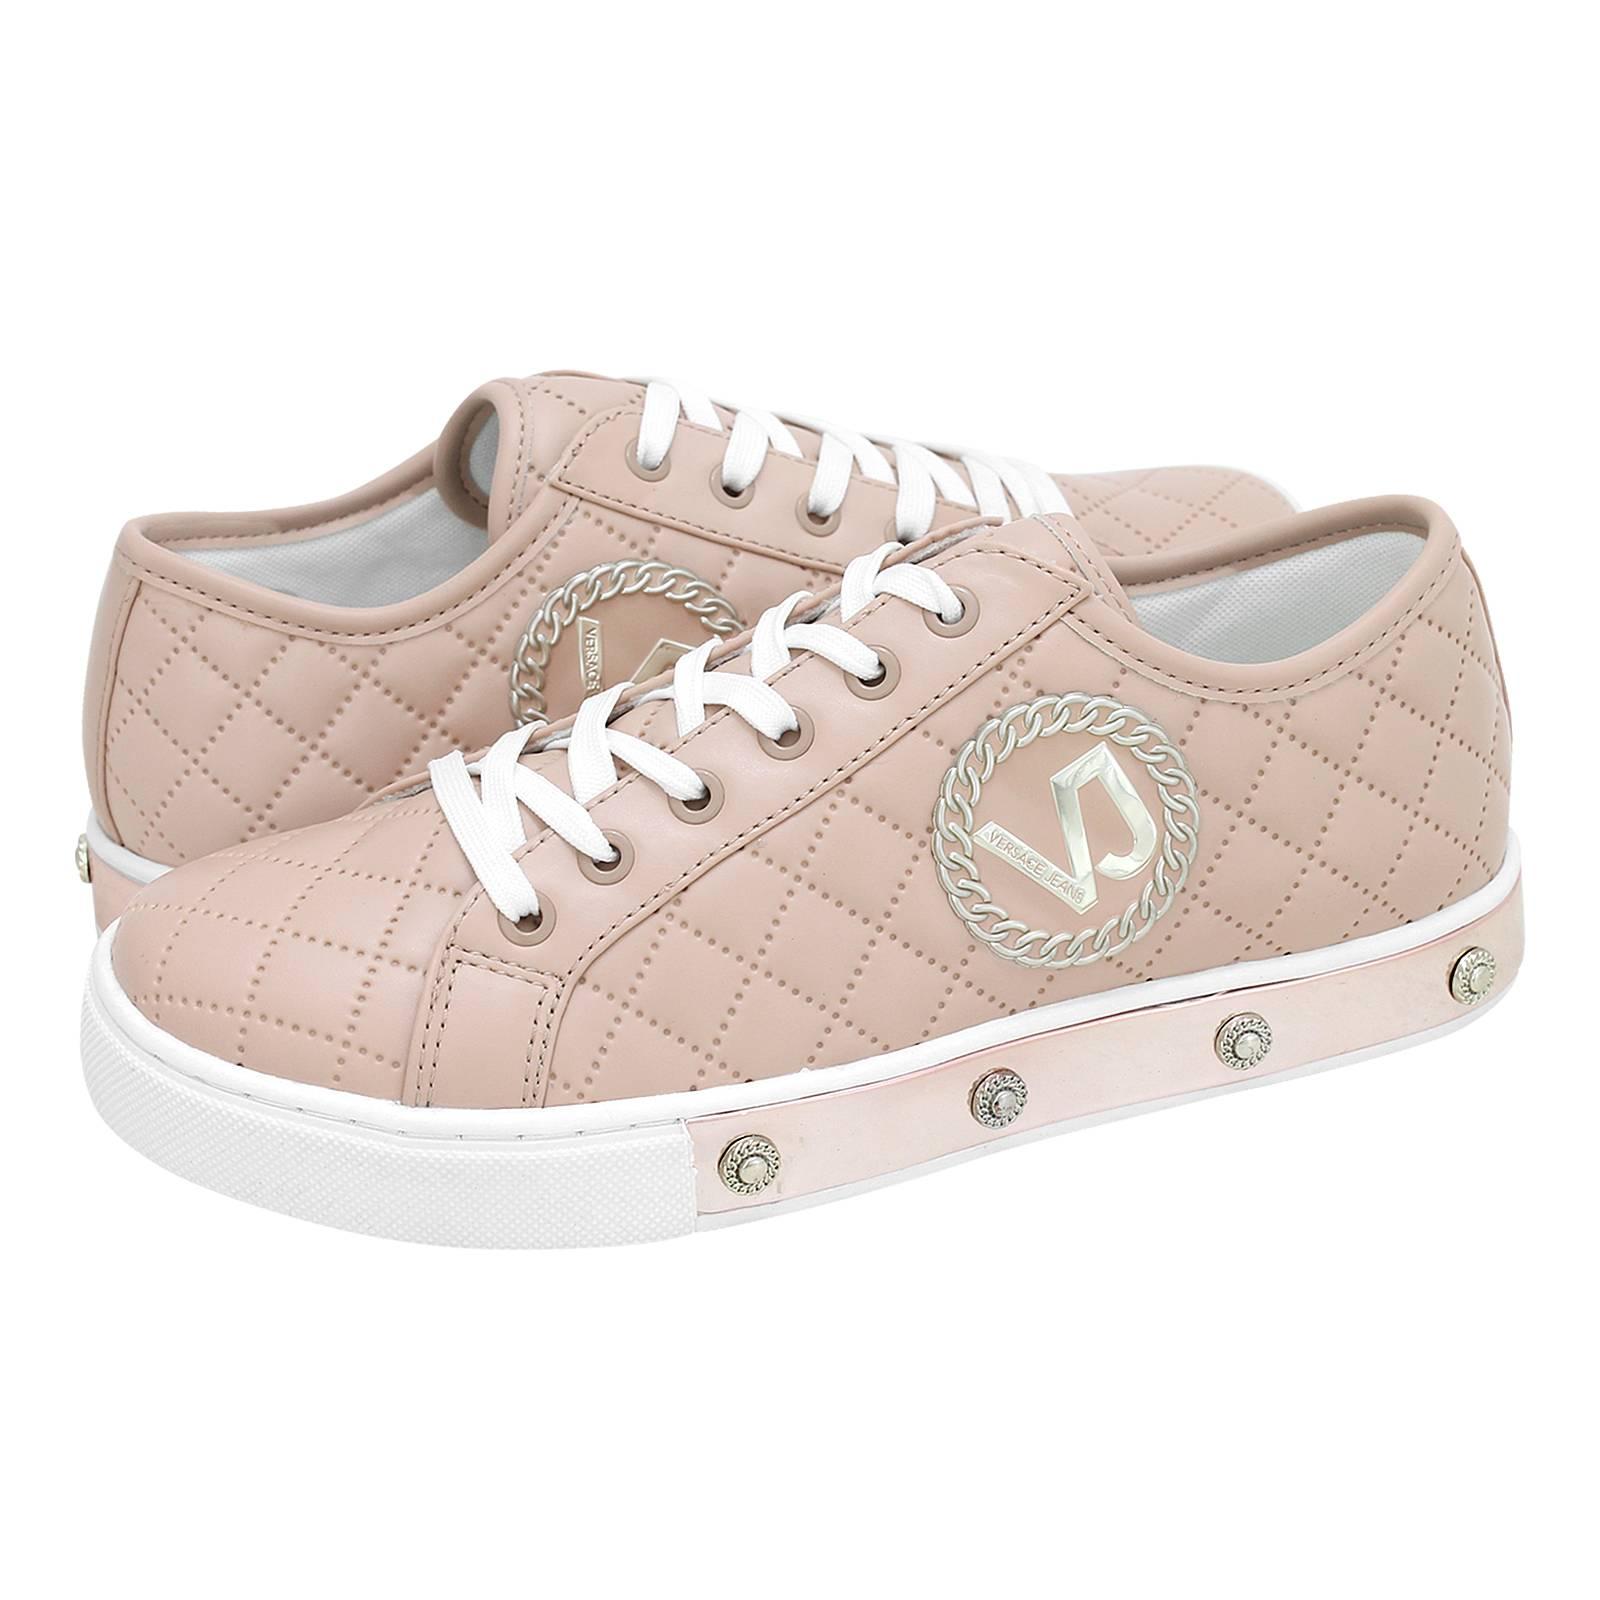 19e6c5c0d0 Cherchell - Γυναικεία παπούτσια casual Versace Jeans από δερμα ...